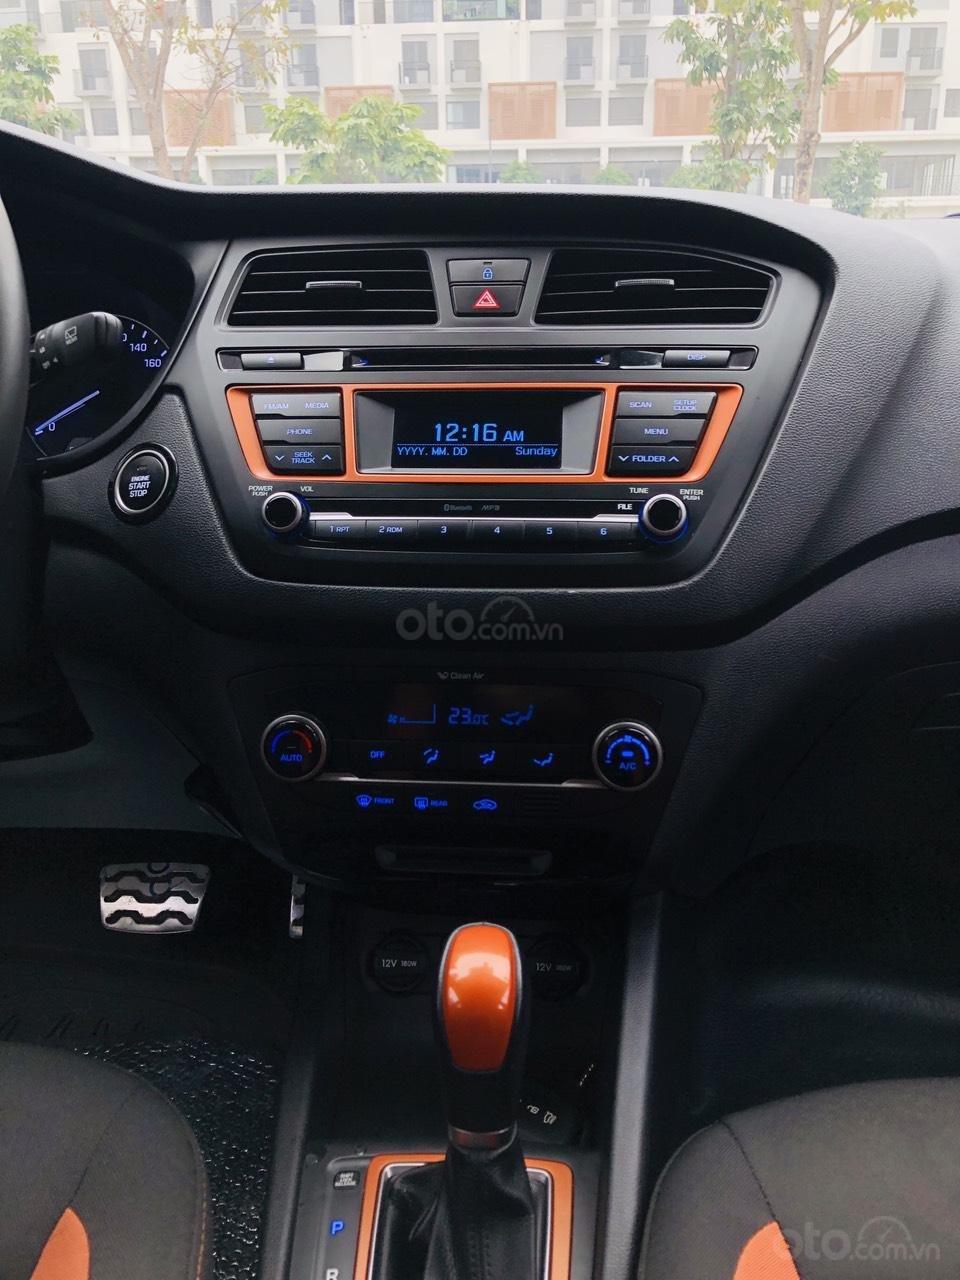 Bán nhanh Hyundai i20 1.4AT SX 2015 bạc, đẹp xuất sắc biển TP (9)